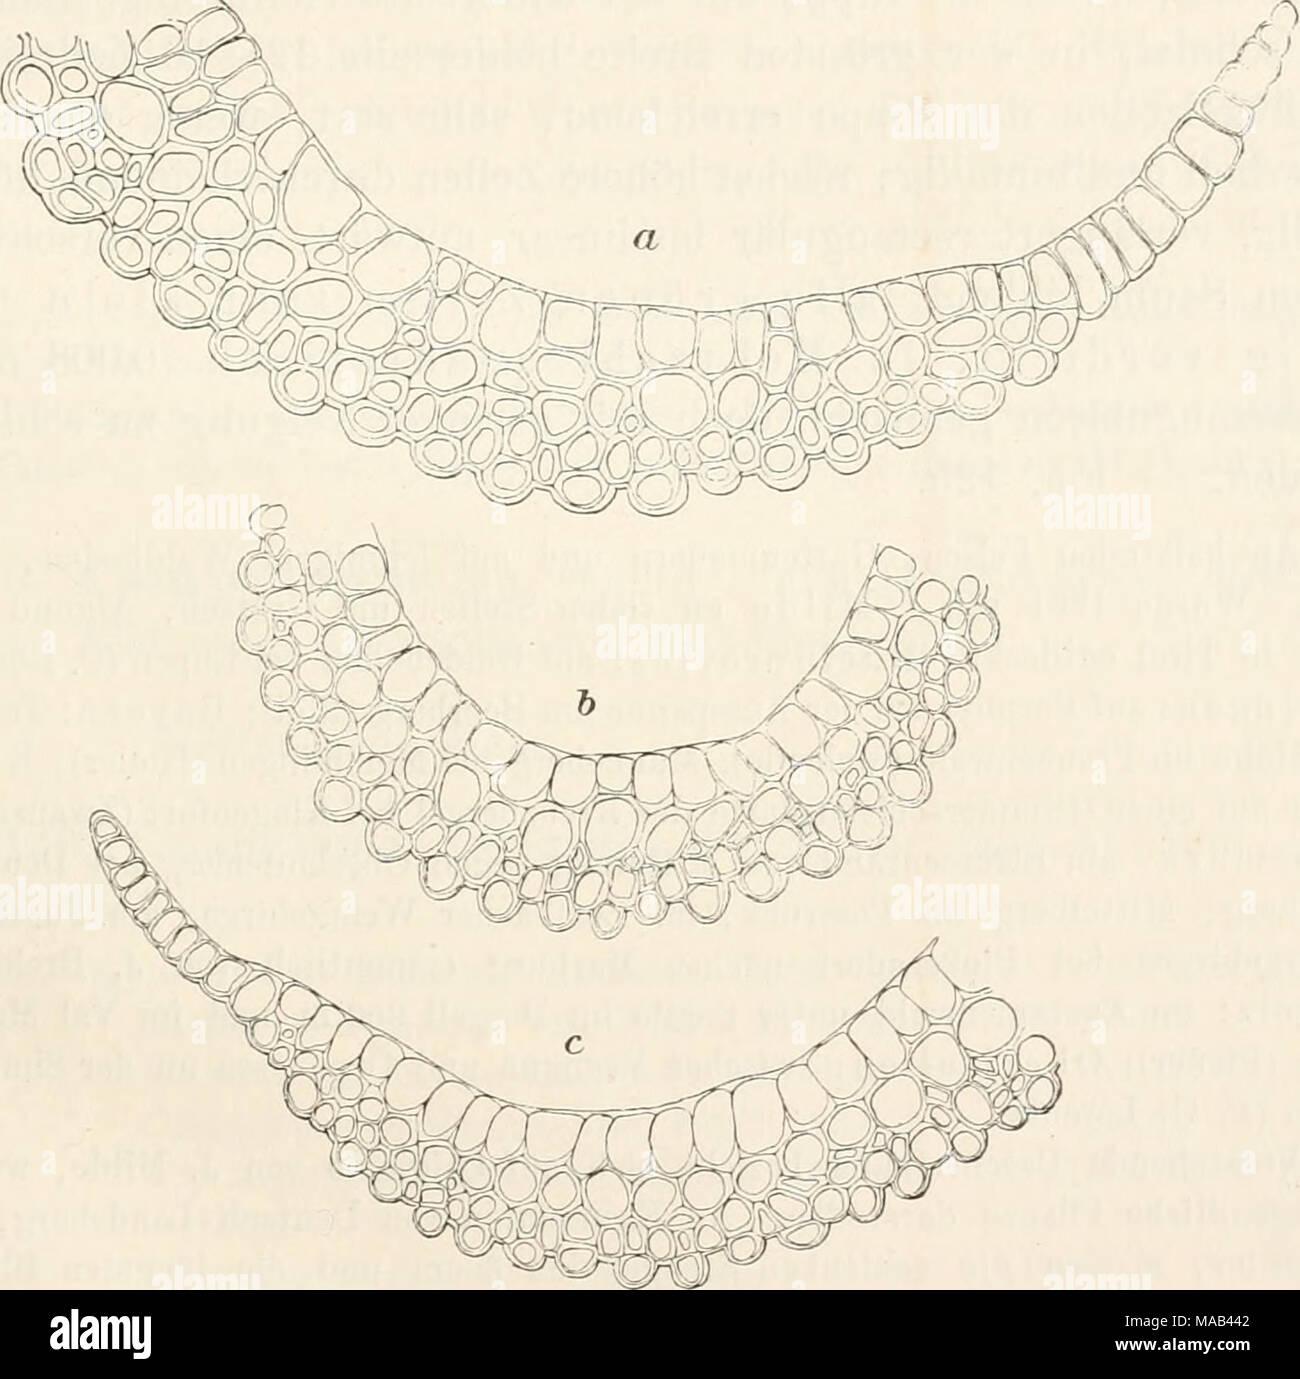 . Dr. L. Rabenhorst's Kryptogamen-Flora von Deutschland, Oesterreich und der Schweiz . Campylopus subulatus (Schimp.). Blattquerschnitte i-ii. a Original Milde: b und c Exemplar von Deutsch-Landsberg. *) Auch Wulfsberg, der 1. c. das jugendliche Sporogon (Seta recta, dimidium poUicis longa. Calyptra fimbriata) beschreibt, lässt die Blüthenverhältnisse un- erörtert. Die (J Blüthen in Milde's erster Beschreibung gehörten zu Dicranella decipiens Milde, Hedwigia 1865, p. 32. Li in i> rieht, Laubmoose. 25 - Stock Image